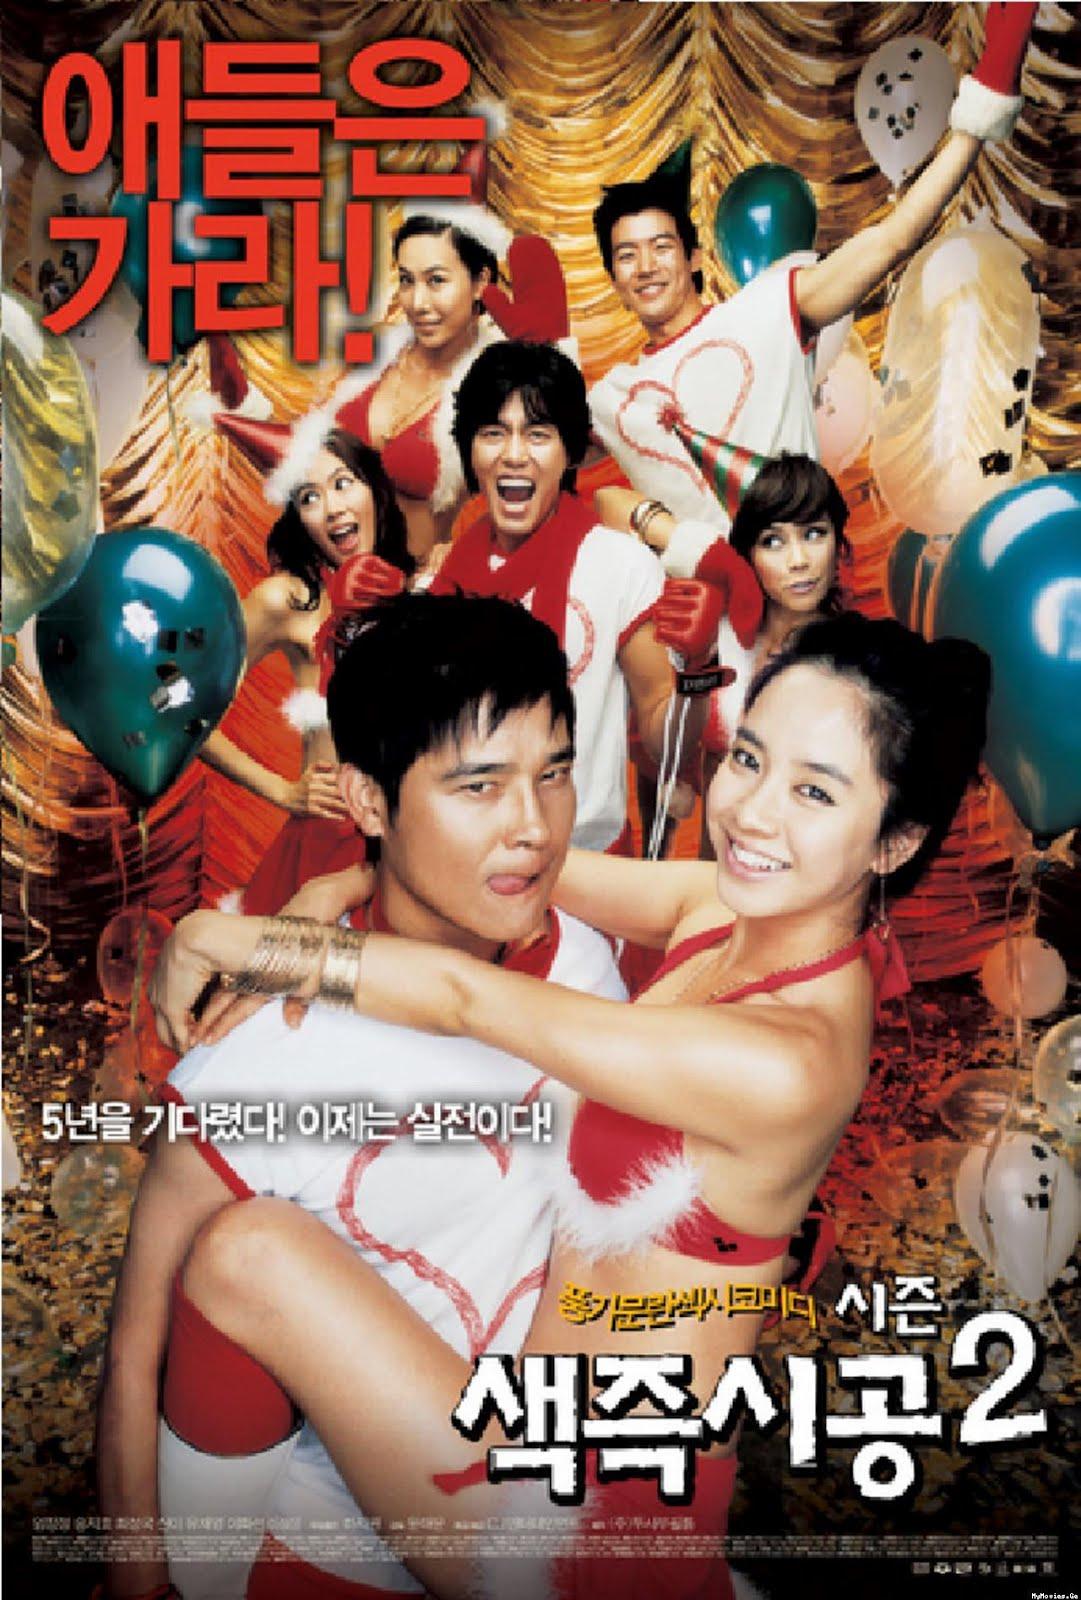 Veteran Mahasiswa Eun Sik Dan Ratu Prom Berenang Champ Kyung Ah Adalah Pasangan Terkenal Di Kampus Sementara Hubungan Mereka Telah Solid Selama Tiga